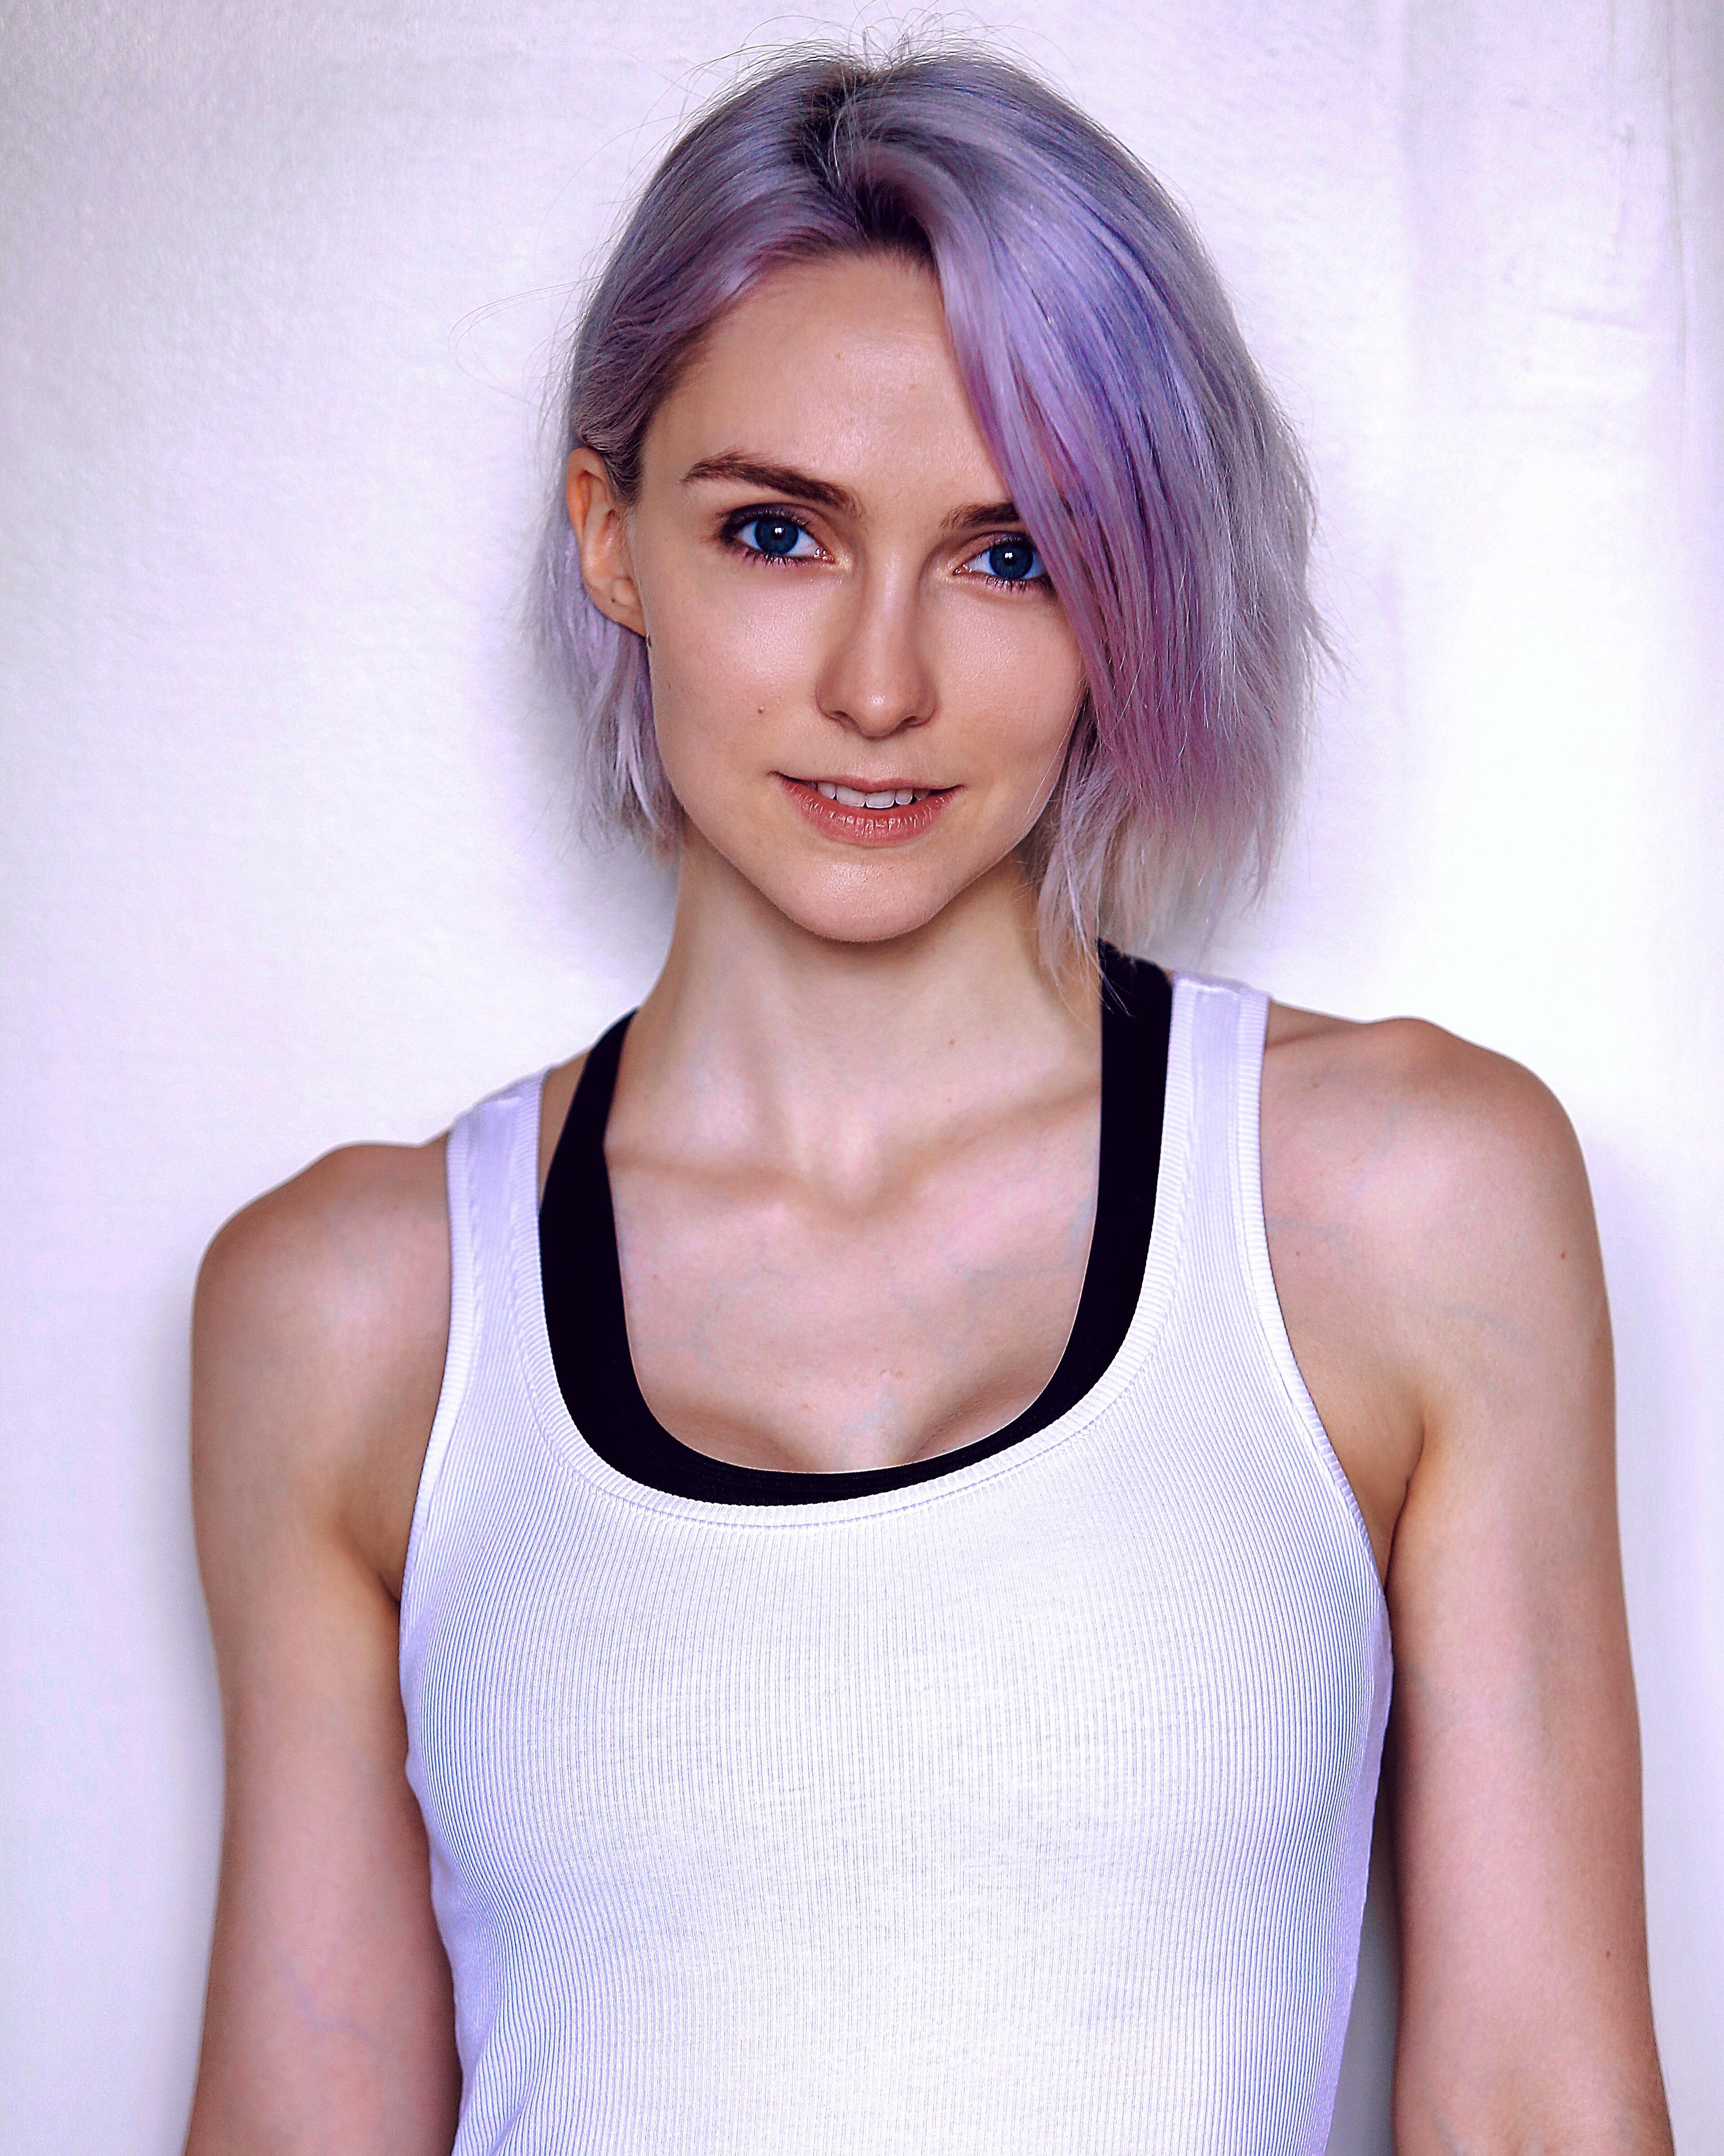 Lina Seiche